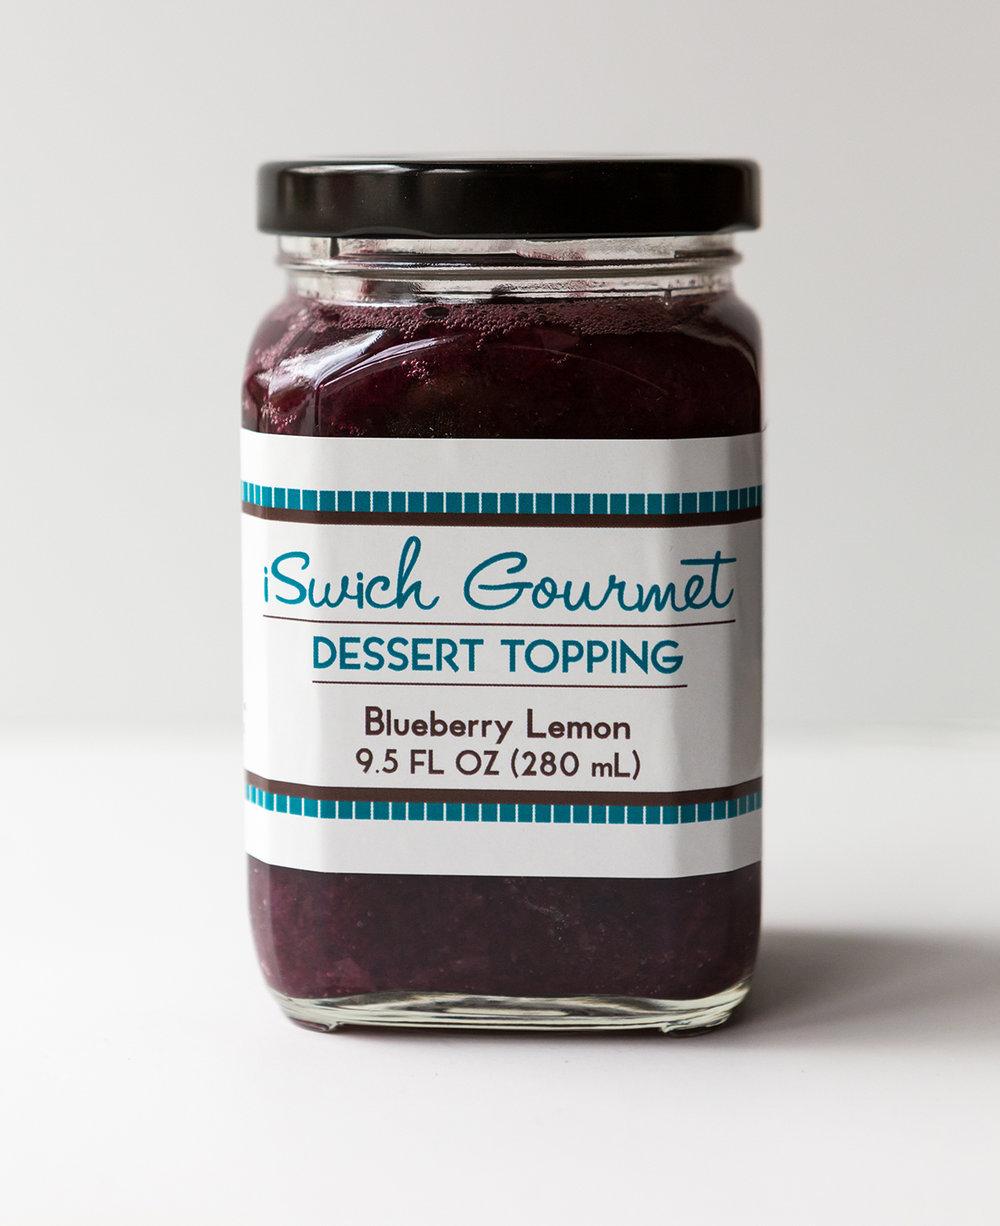 iSwich-blueberry-lemon-dessert-sauce-resize.jpg